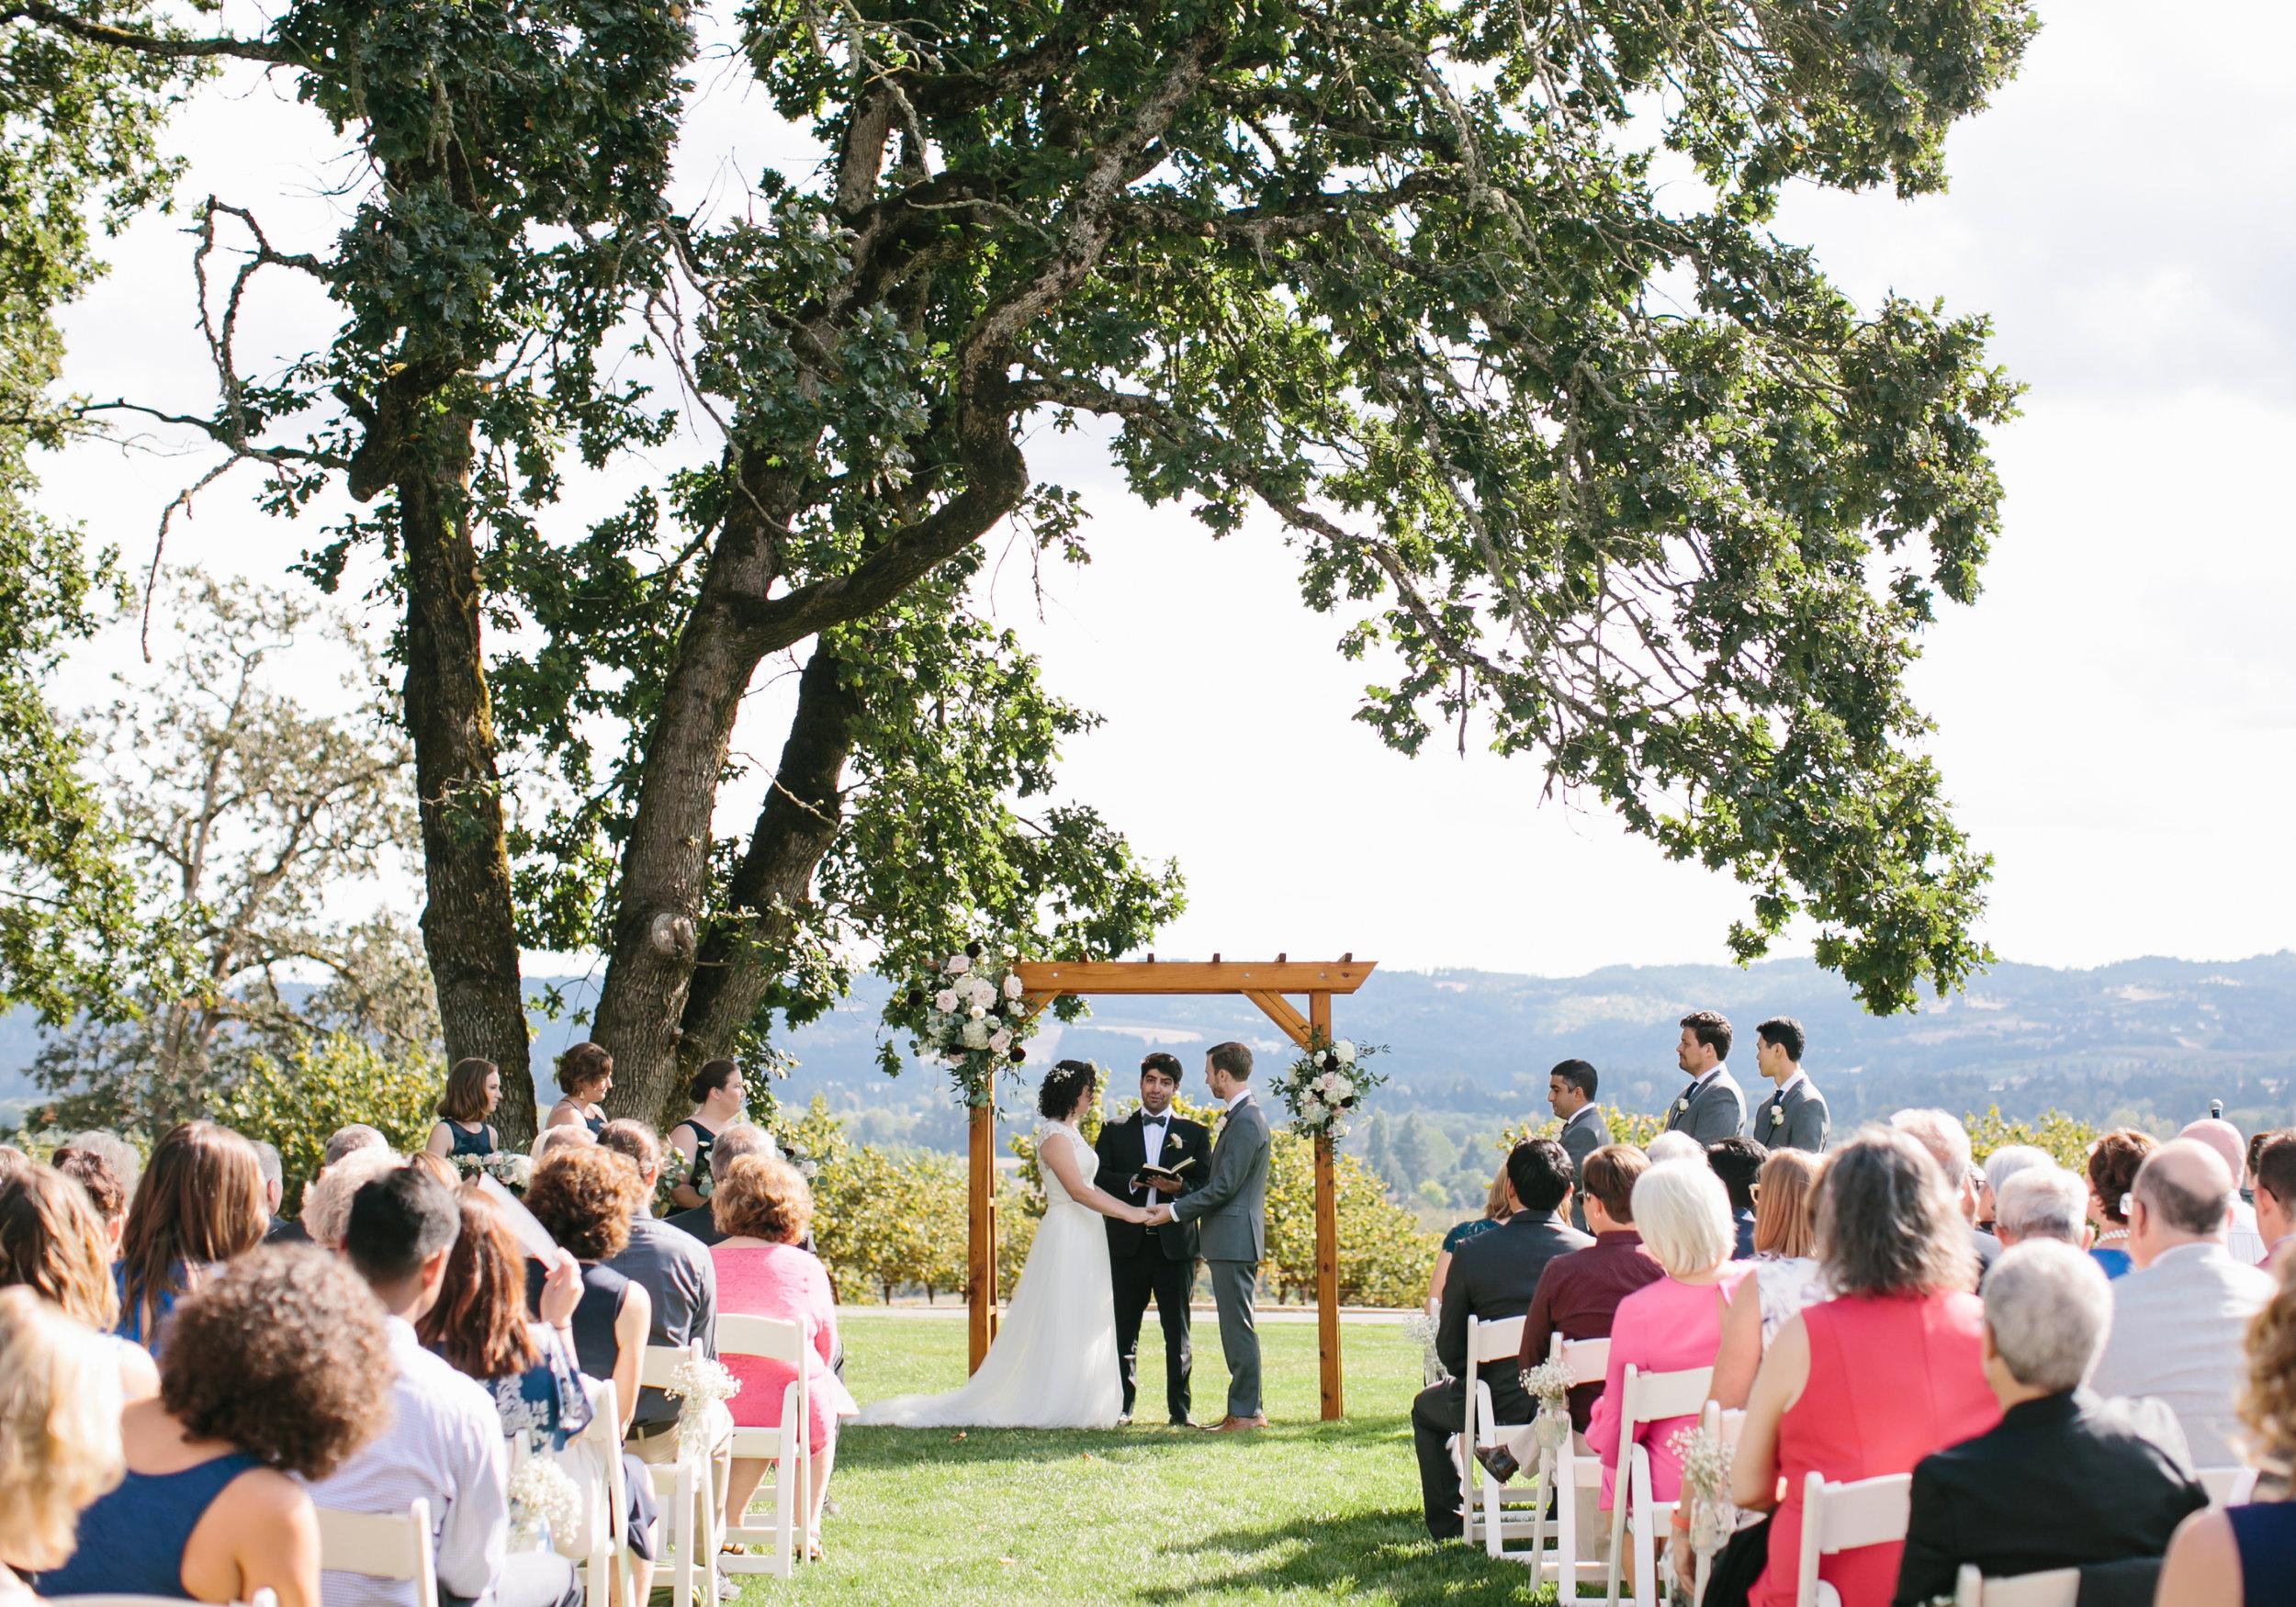 scholls-valley-lodge-wedding-photographer-ashley-courter0013.JPG